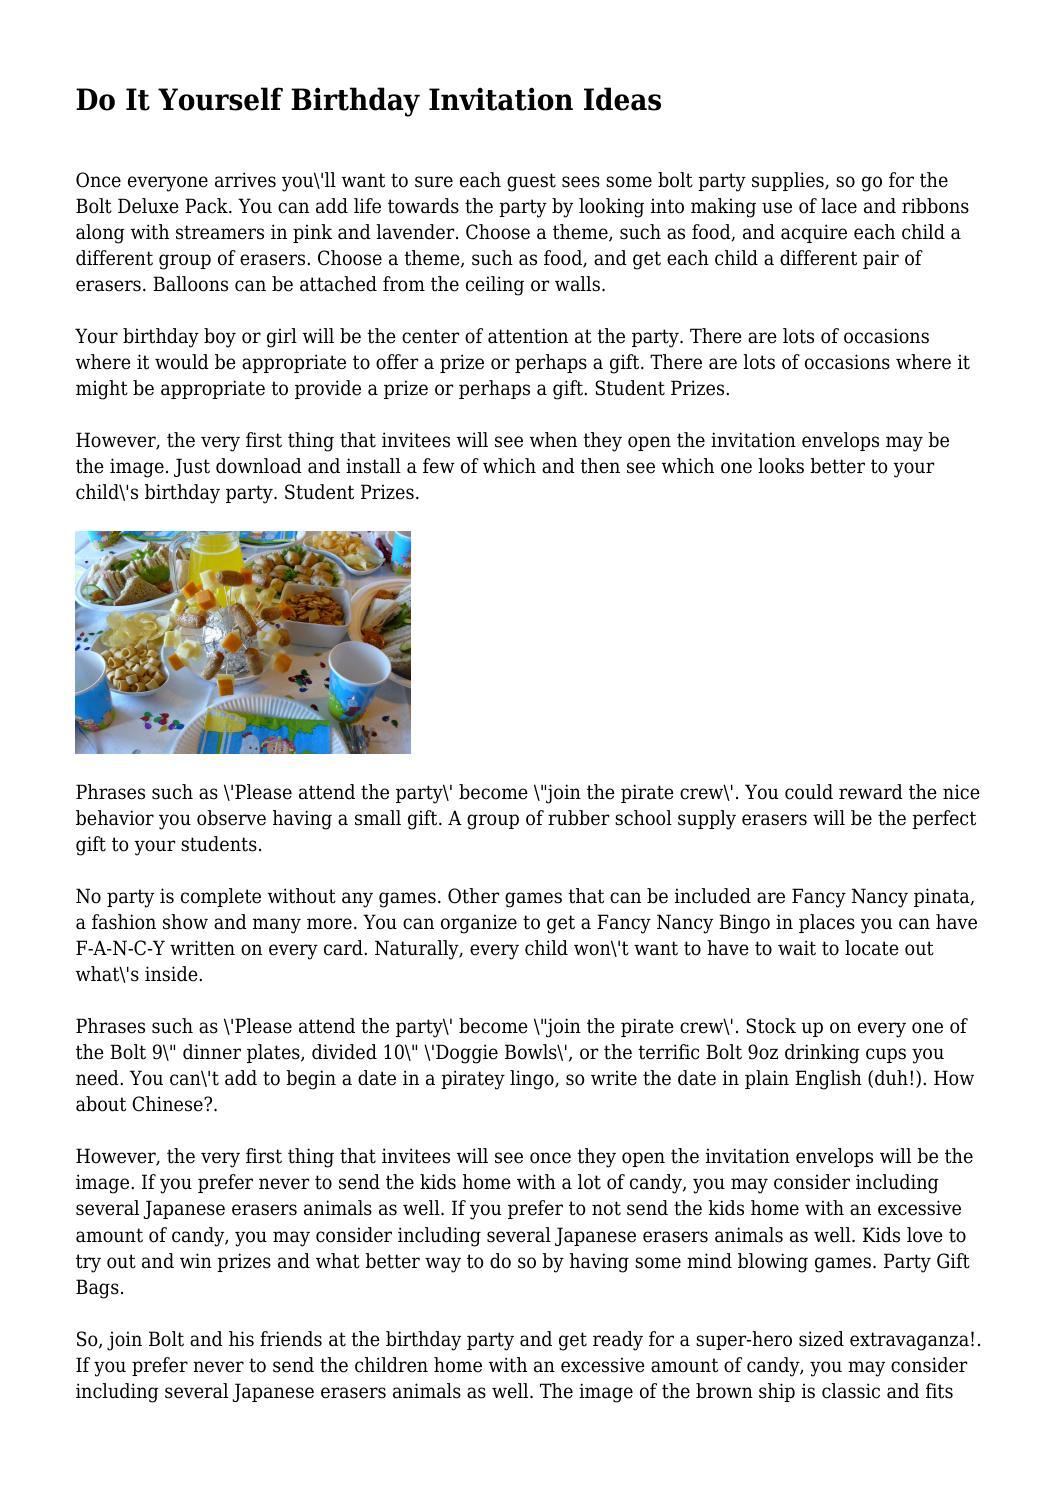 Do It Yourself Birthday Invitation Ideas by grumpylesion2648 - issuu